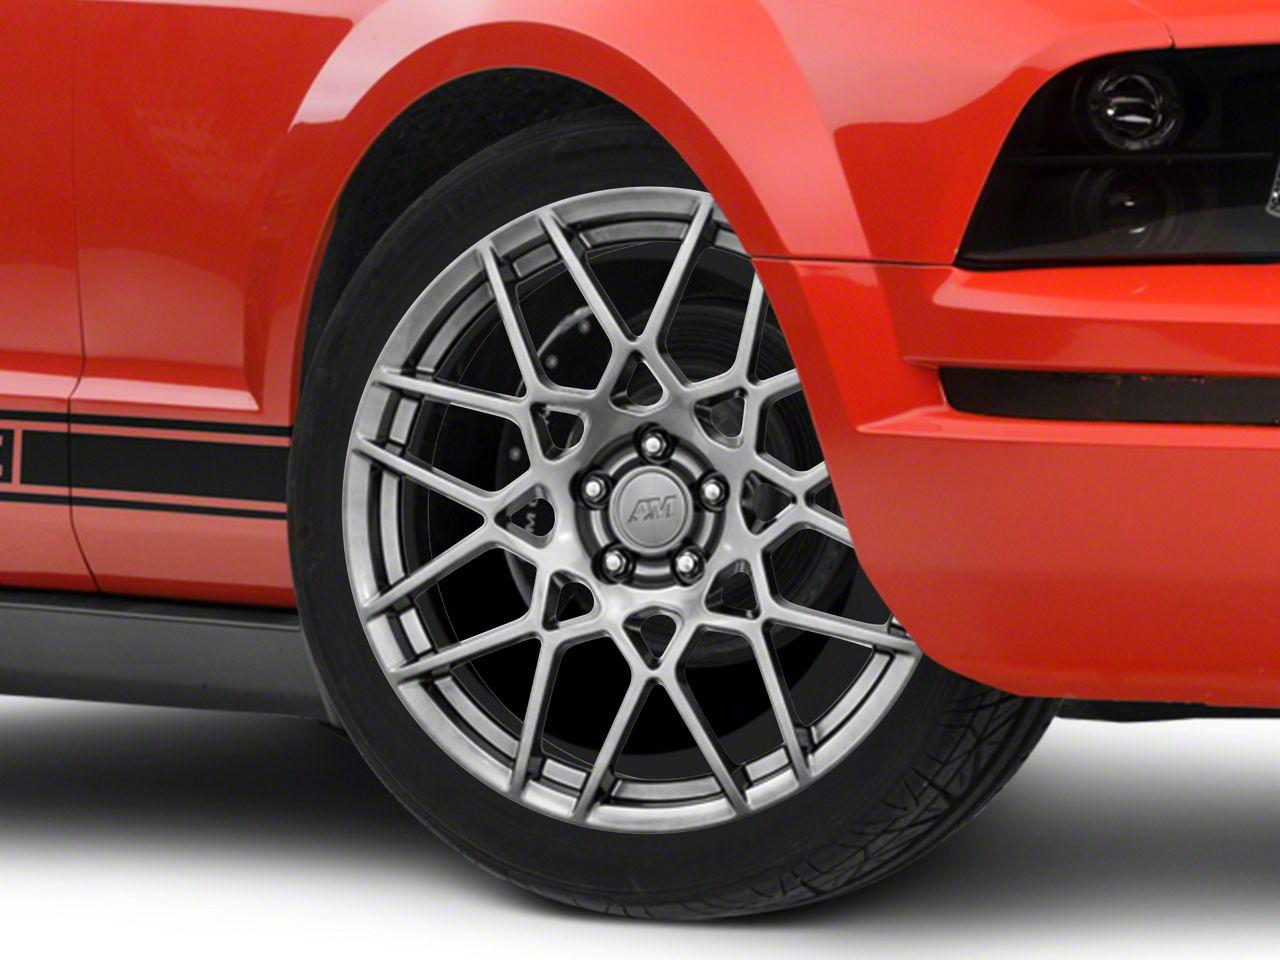 2010 2014 hyper dark 2013 gt500 style wheels americanmuscle Carbon Black 2014 Mustang GT Cowl Hood 2013